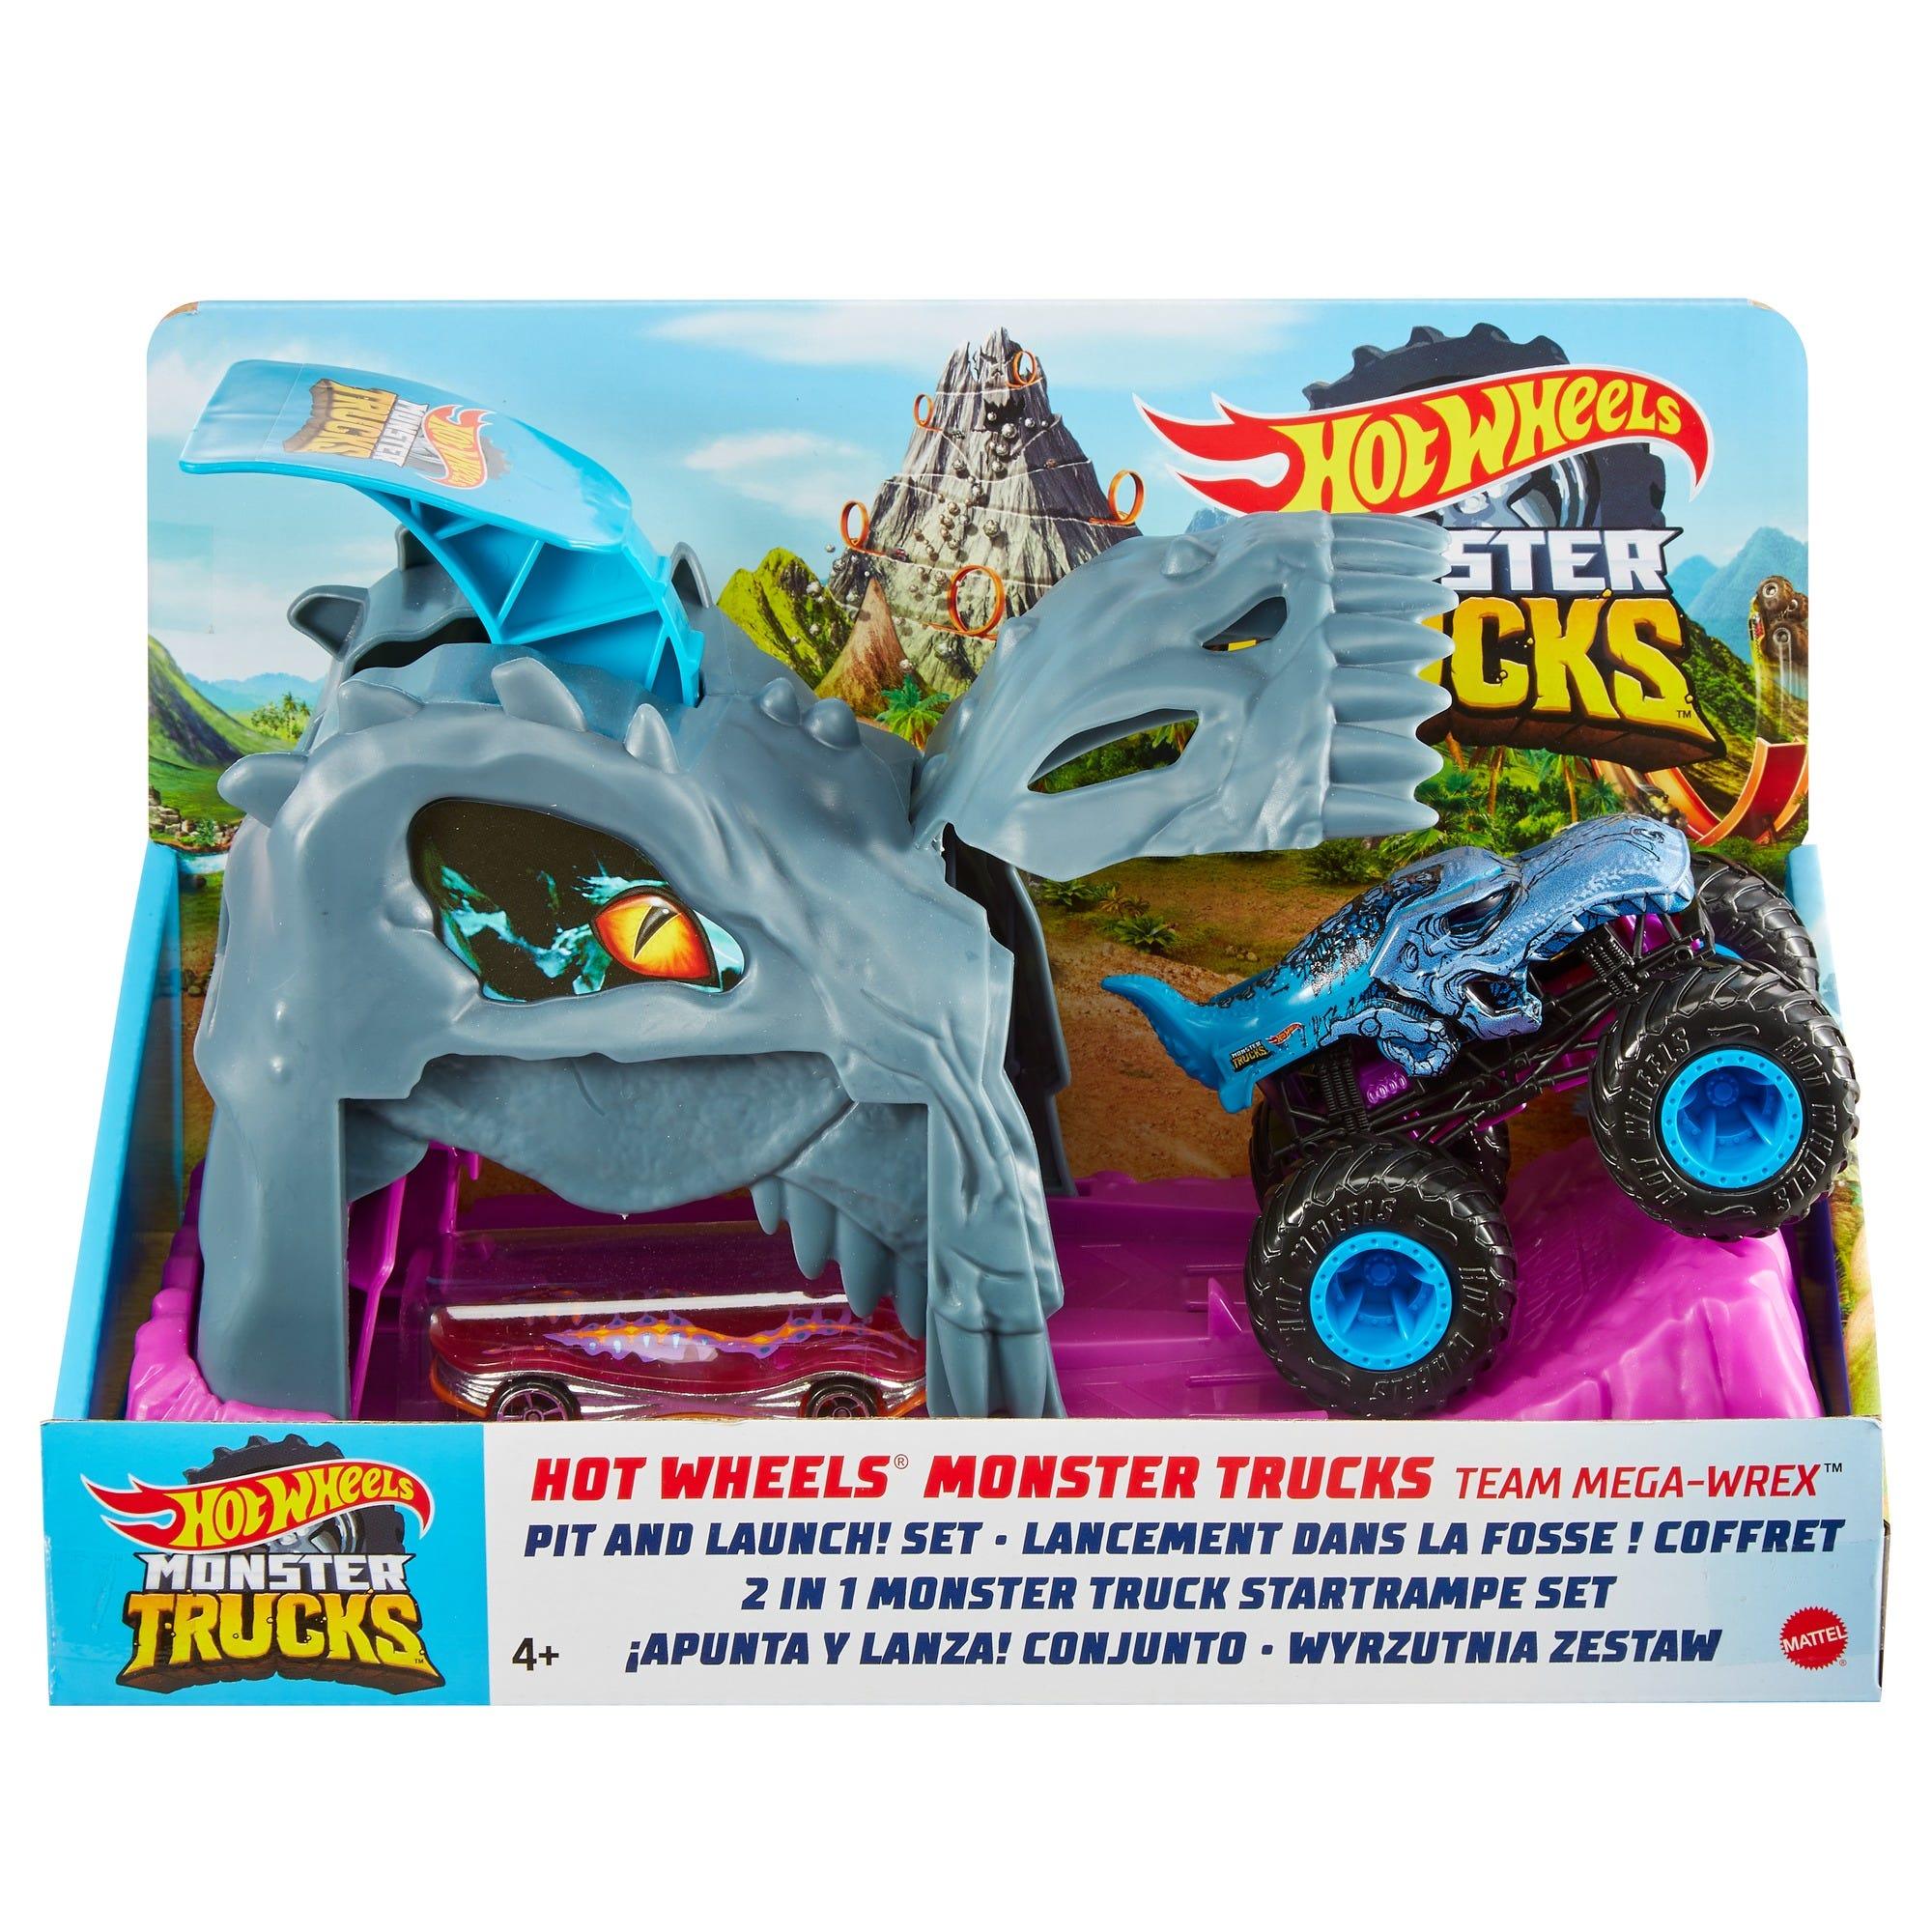 Hot Wheels Monster Trucks Pit & Launch Assortment